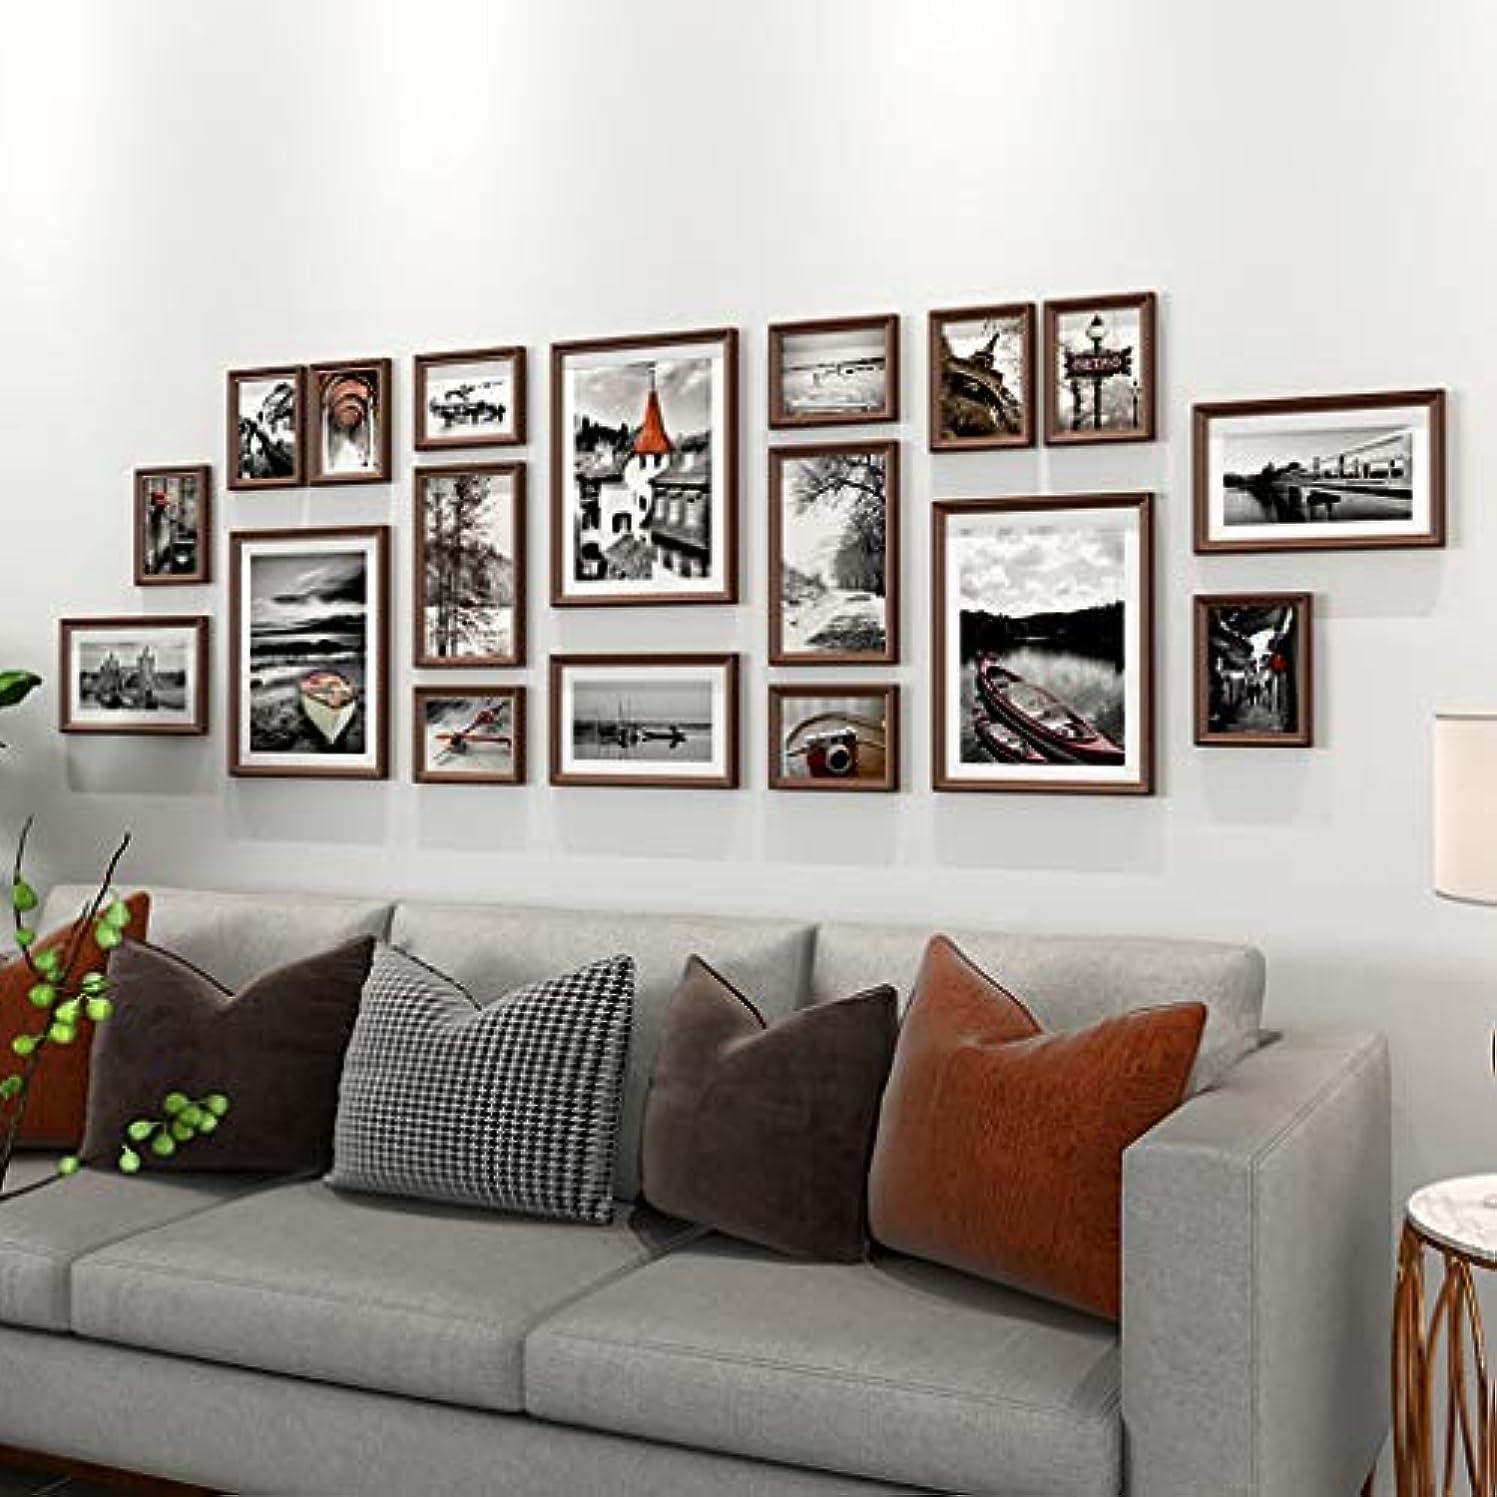 なるライトニングポイントLXYA 壁画の絵画 ウォールデコレーション フォトディスプレイラックを壁にマウント ソリッドウッドフォトフレームの組み合わせ 壁に多機能フォトフレーム パンチング穴のない簡単にインストールします リビングルーム、廊下、ベッドルーム、階段で使用 (Color : C3)